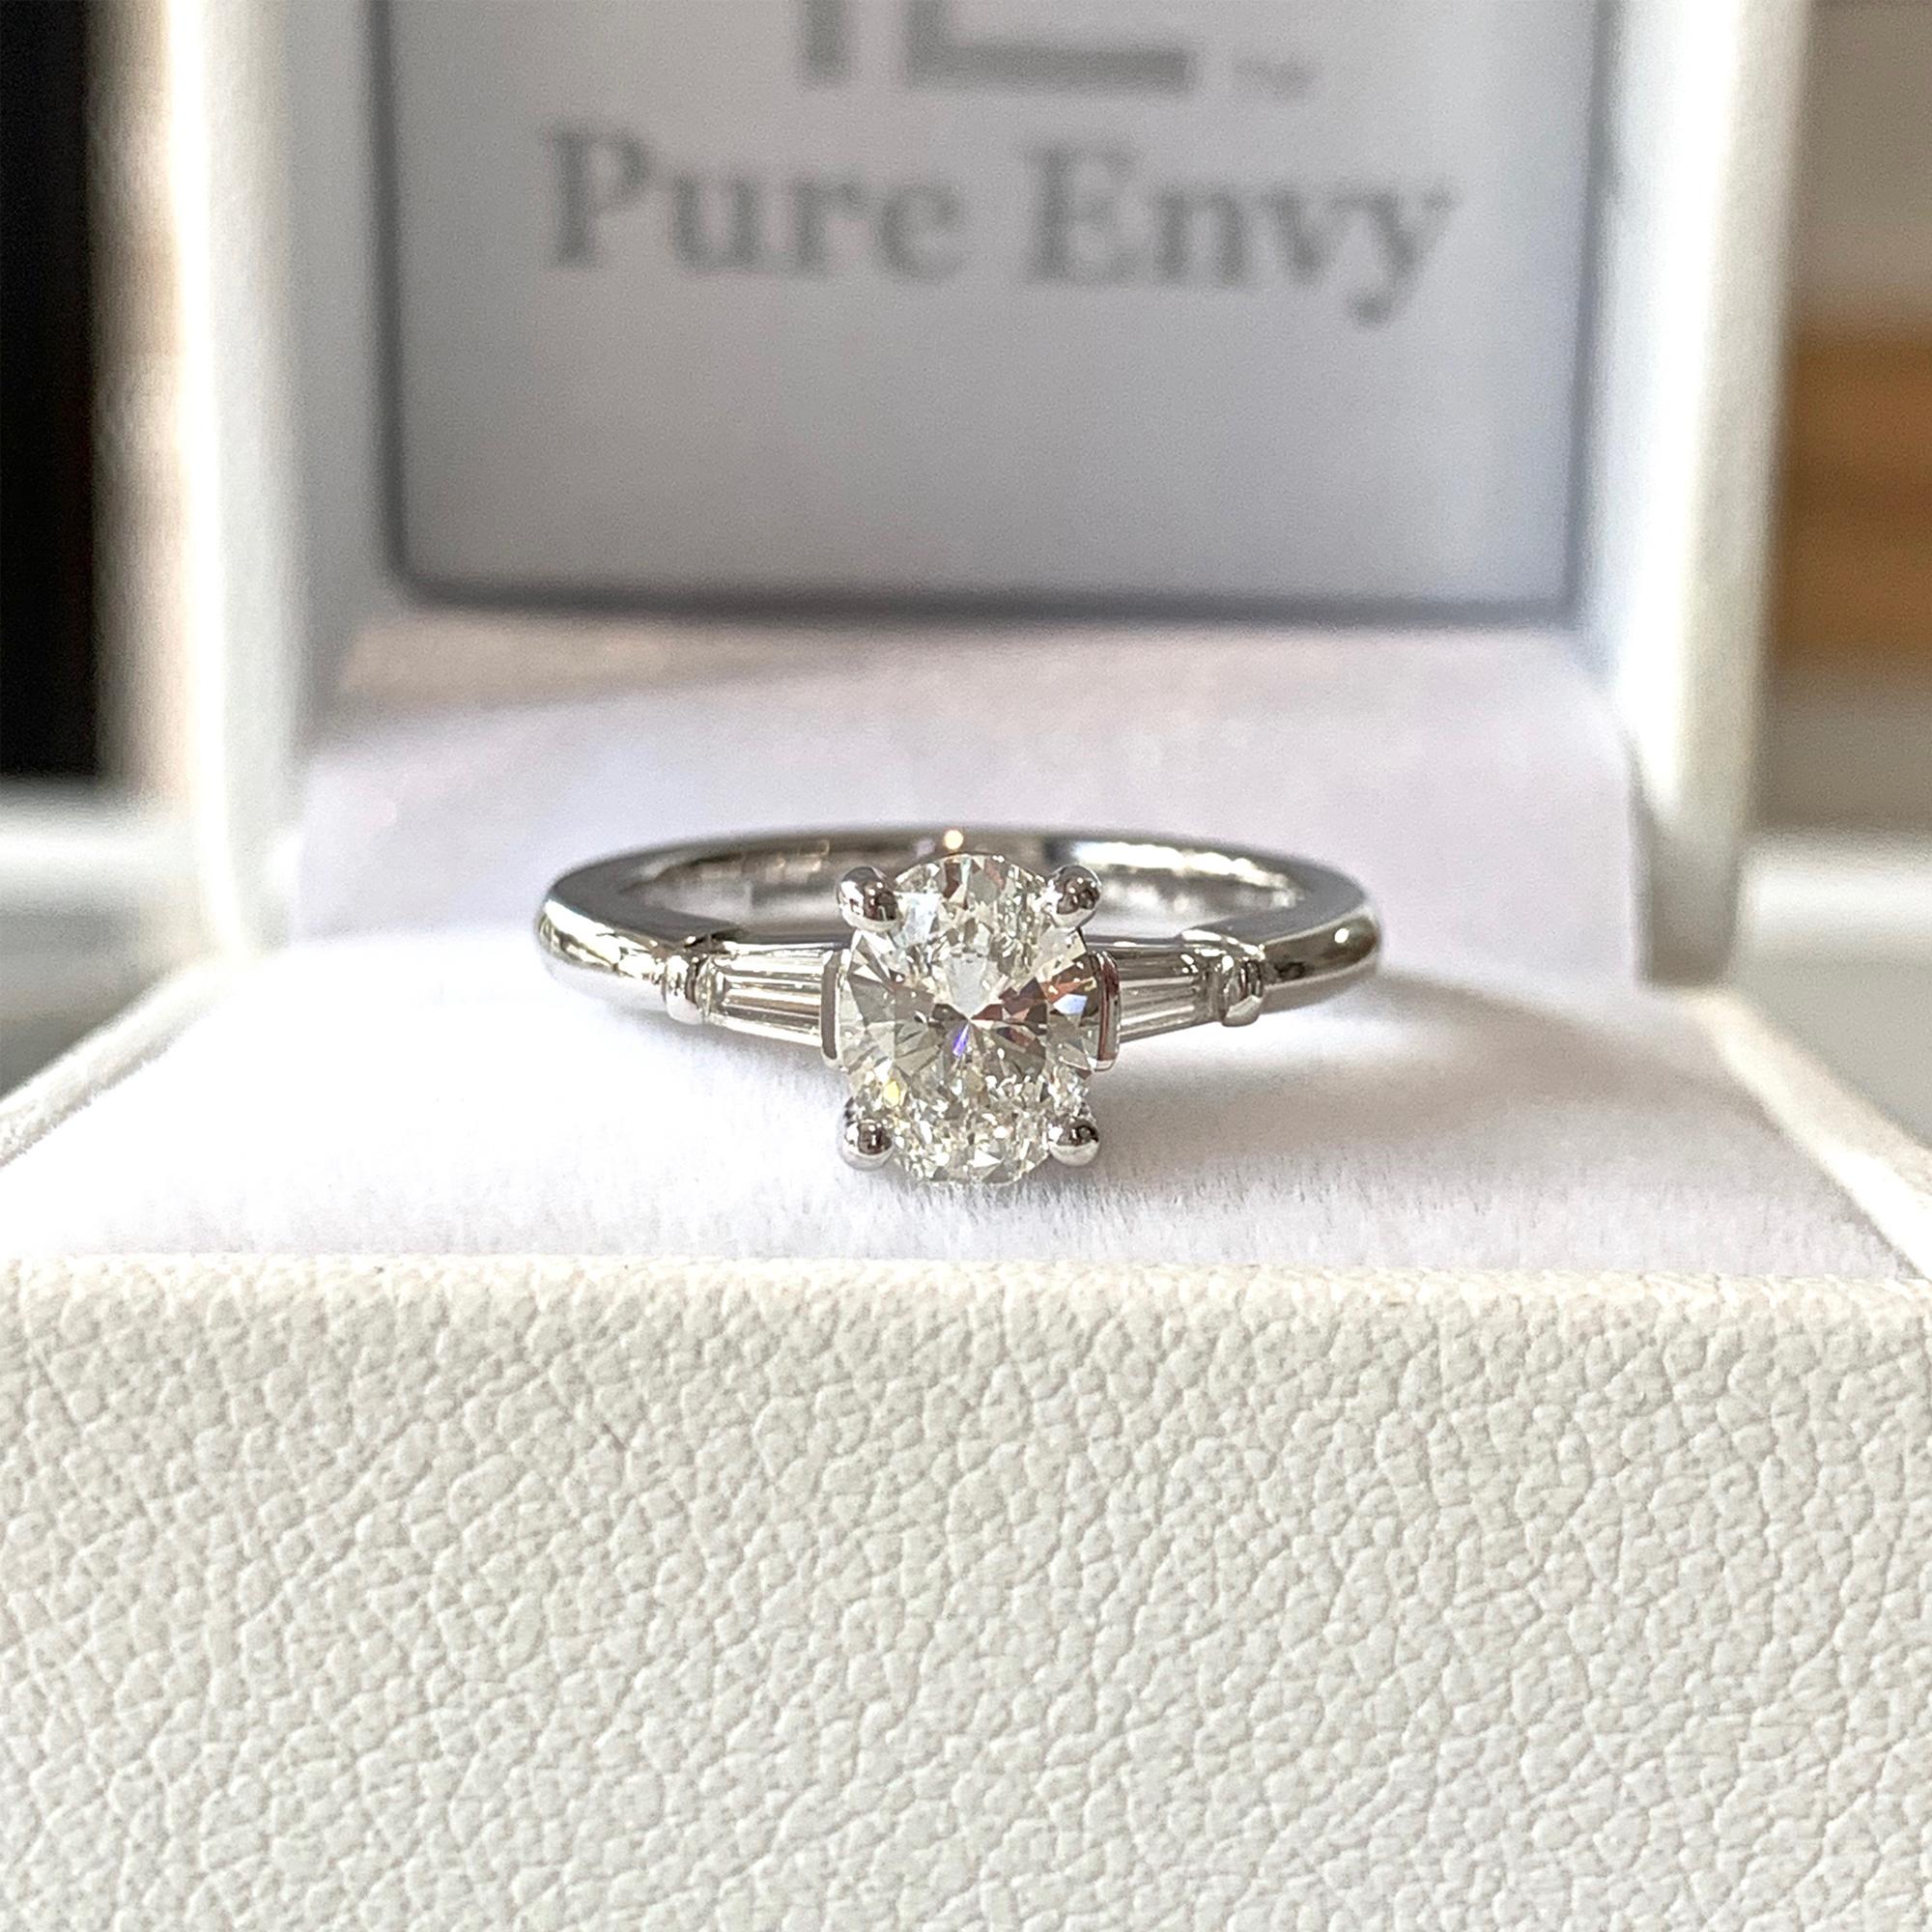 baguette diamond engagementr rings